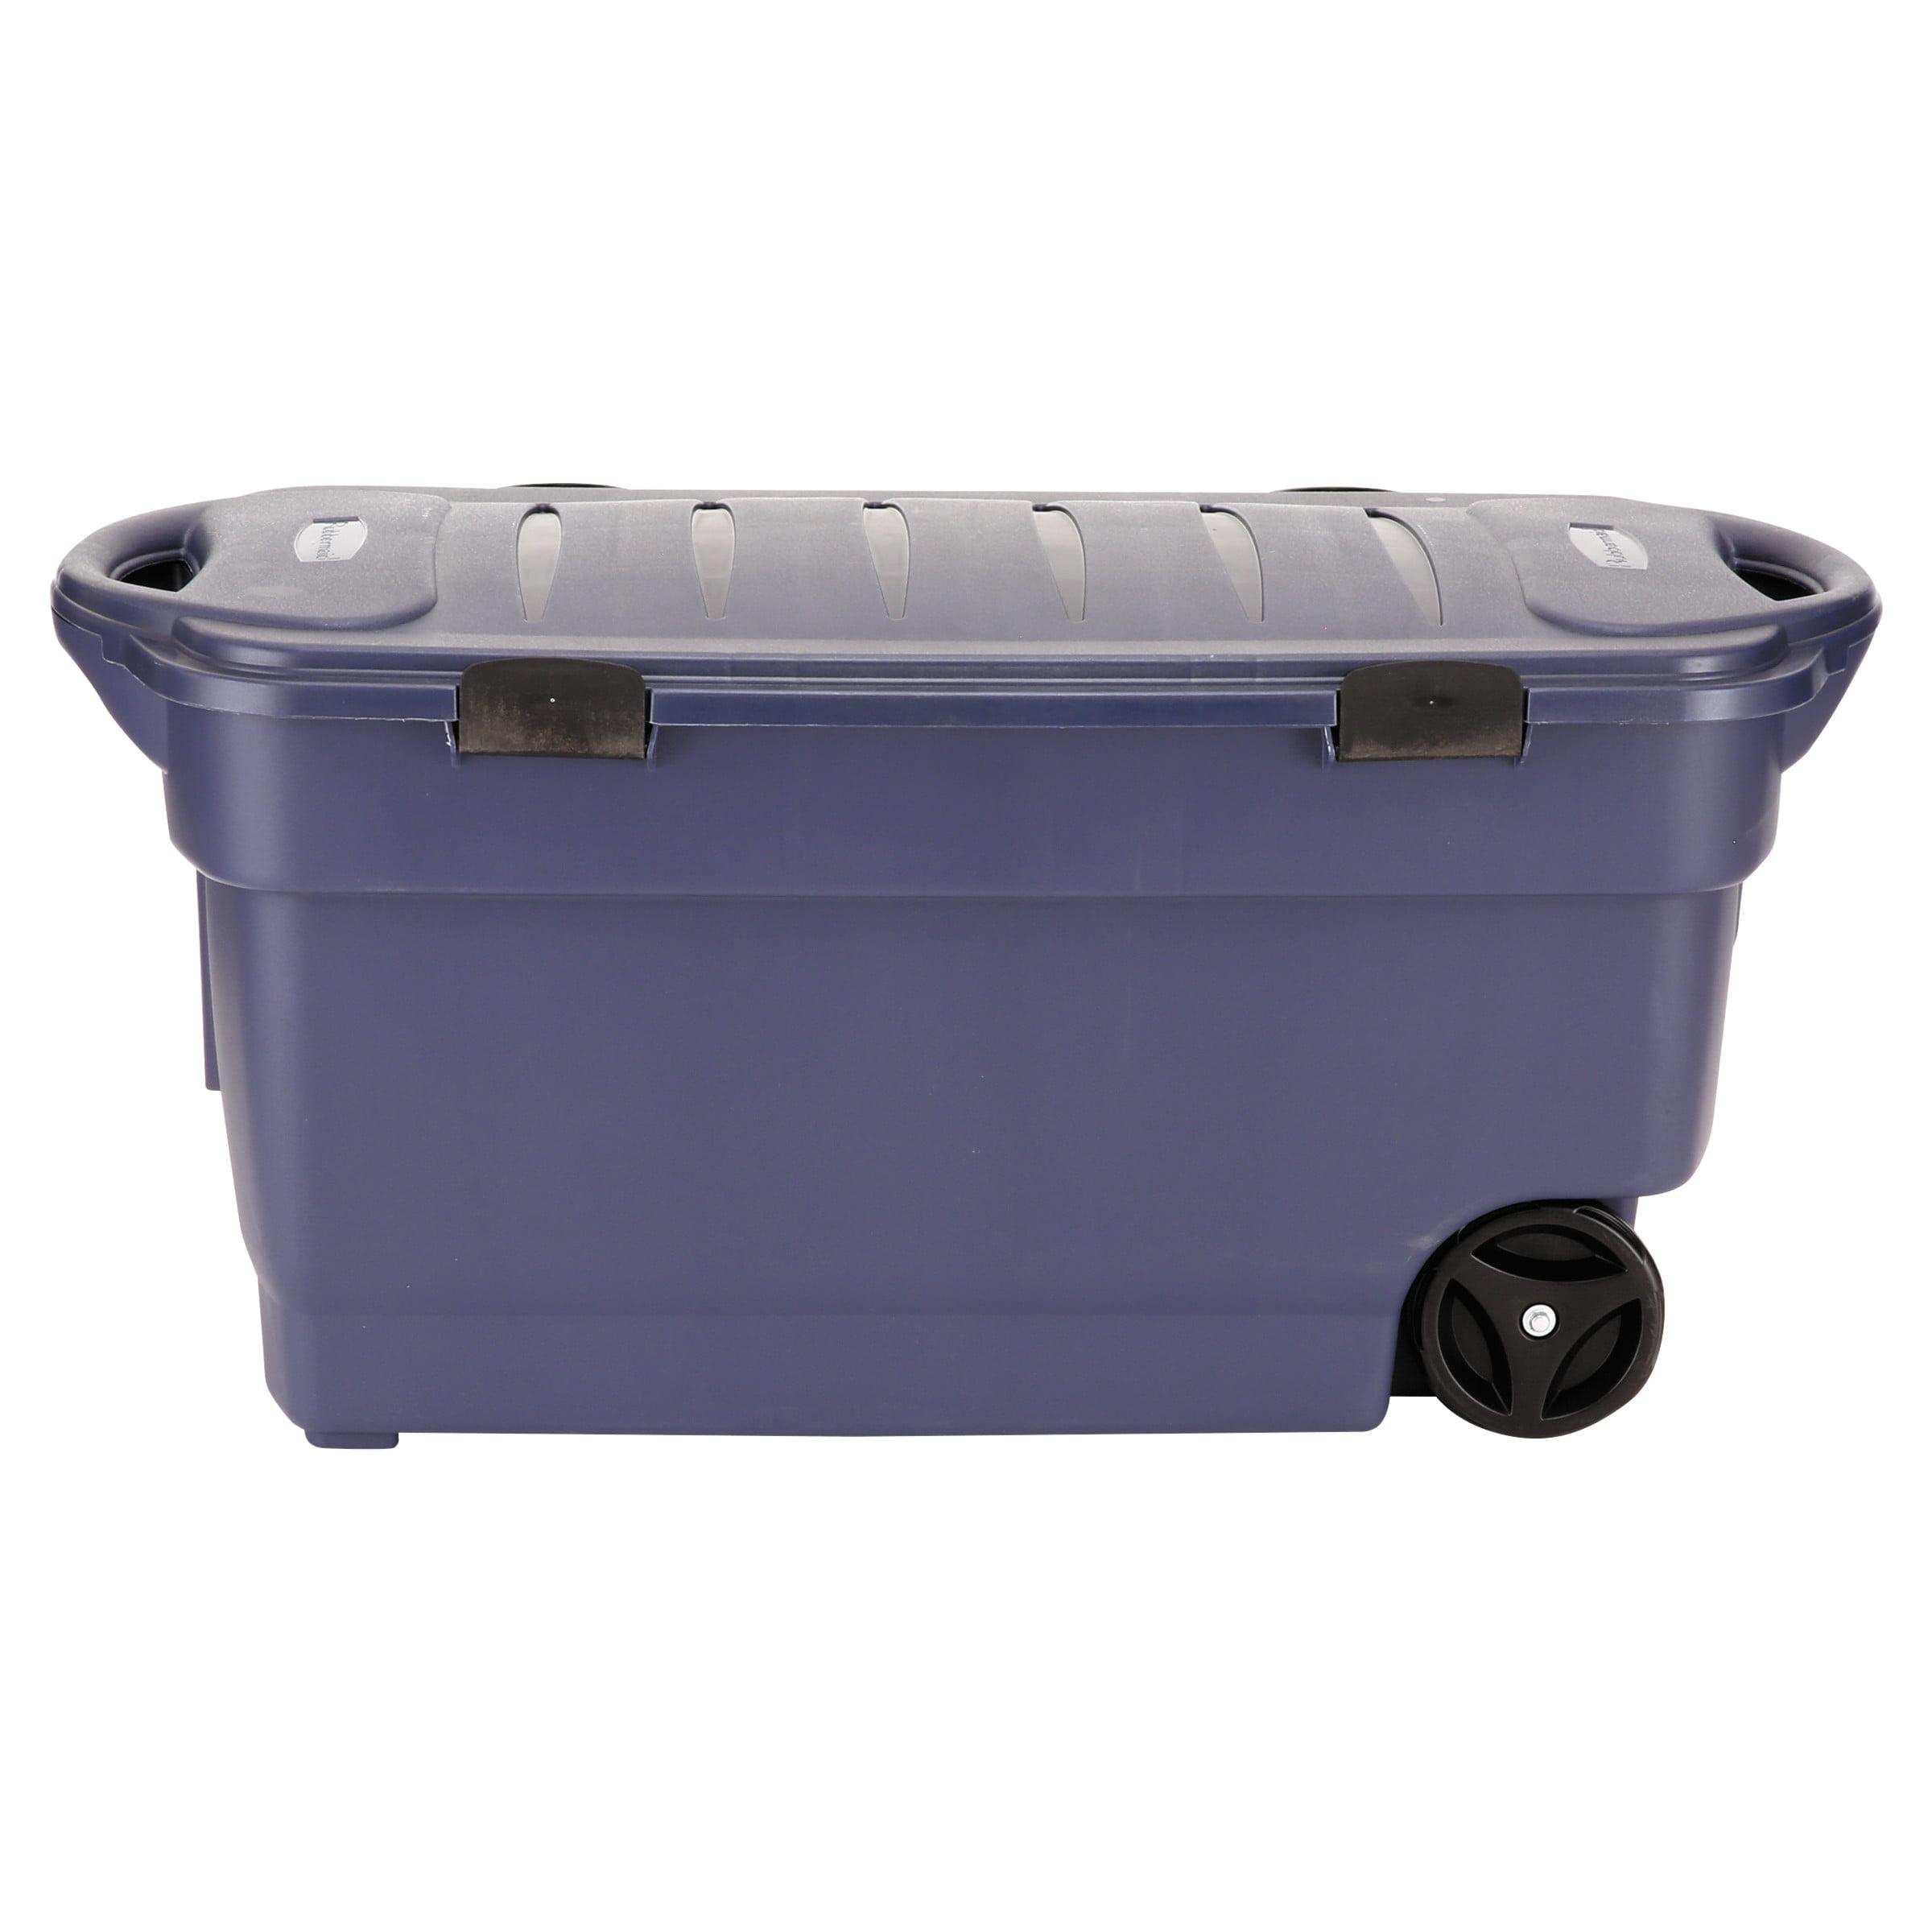 Rubbermaid Roughneck Wheeled Storage Box, 45gal, Dark Ind...